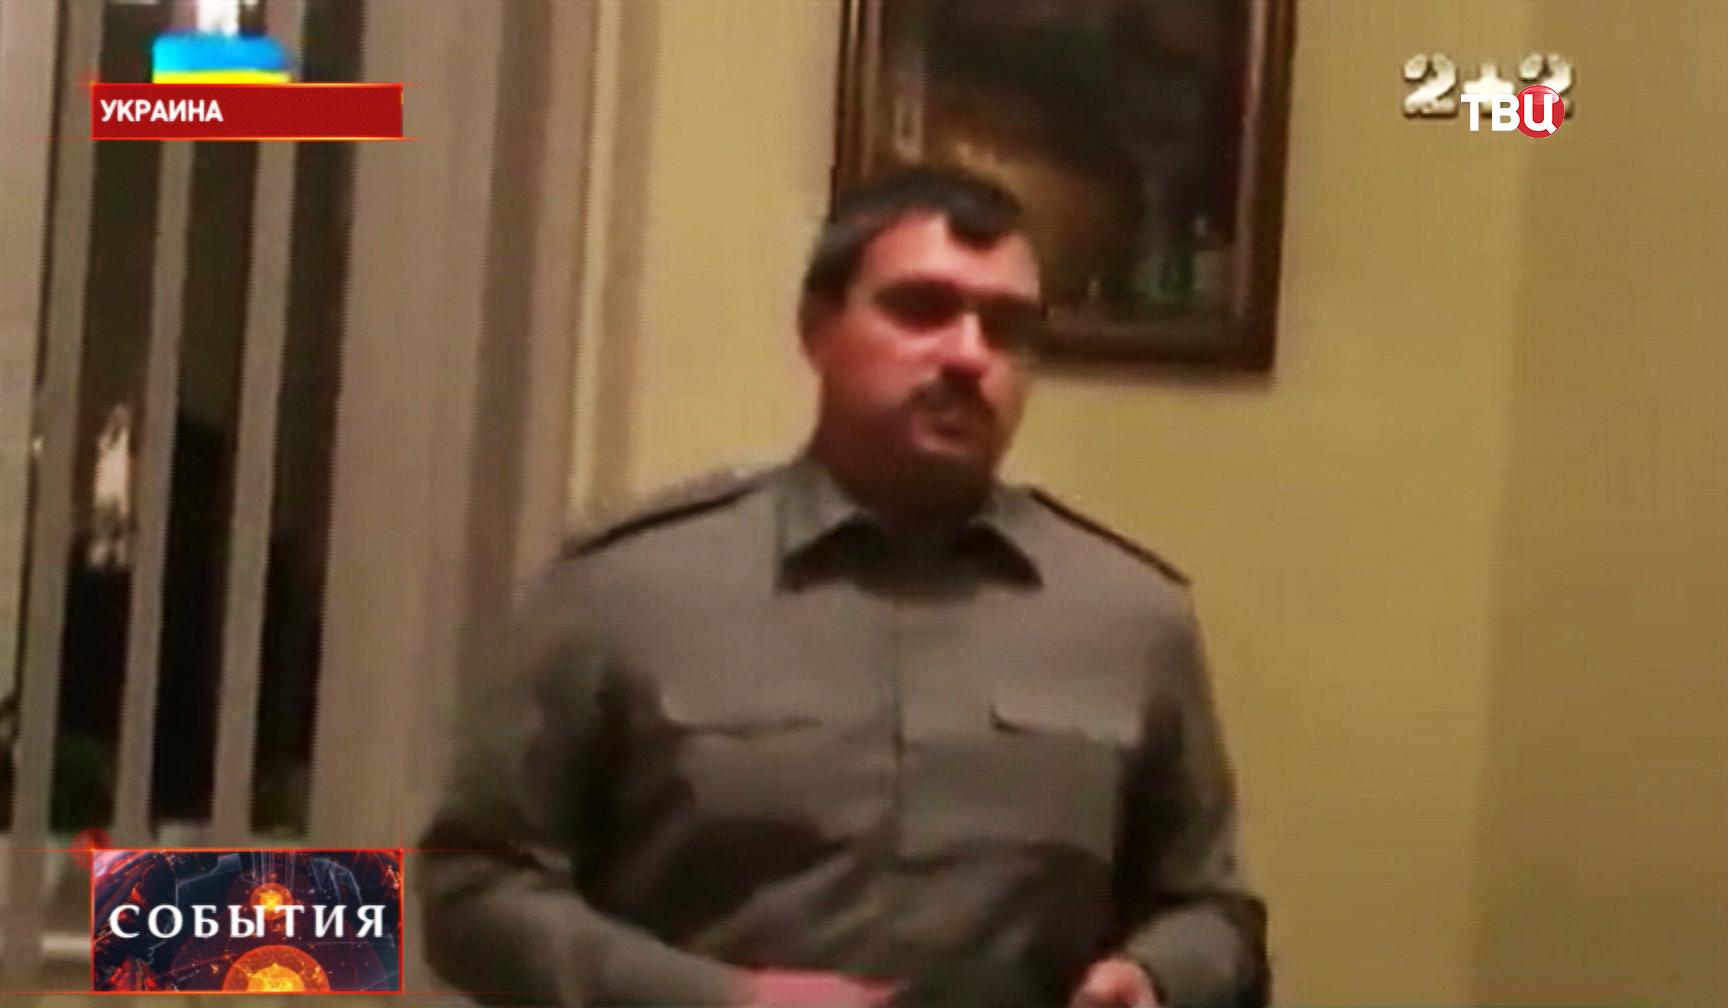 Заместитель начальника Генштаба генерал-майор Виктор Назаров